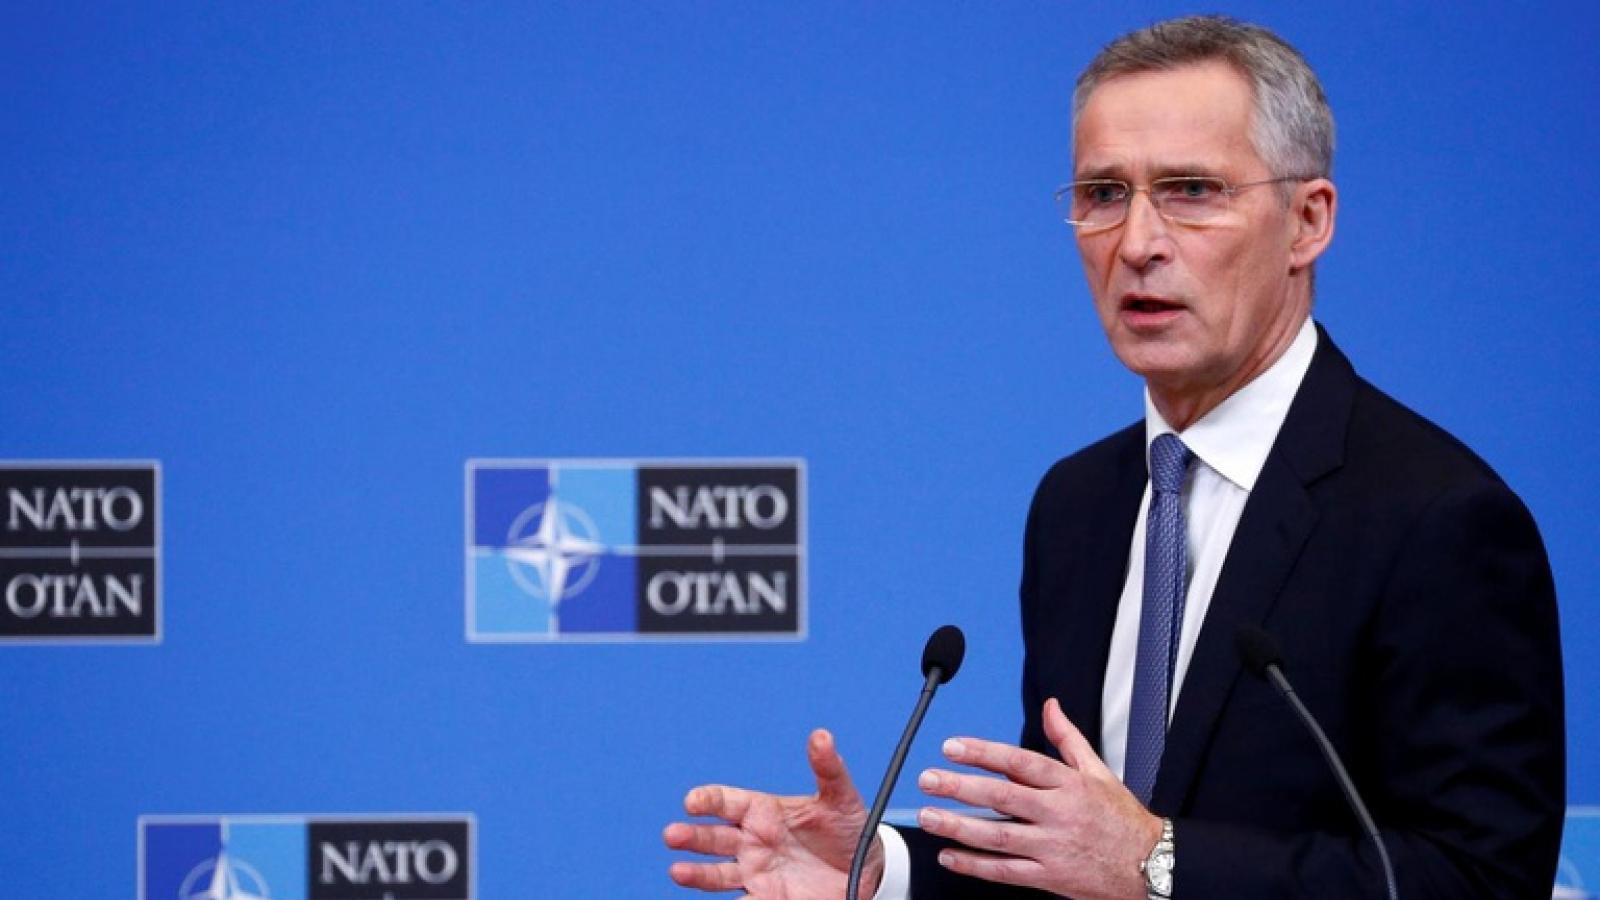 NATO yêu cầu Nga chấm dứt tập trung quân gần biên giới Ukraine